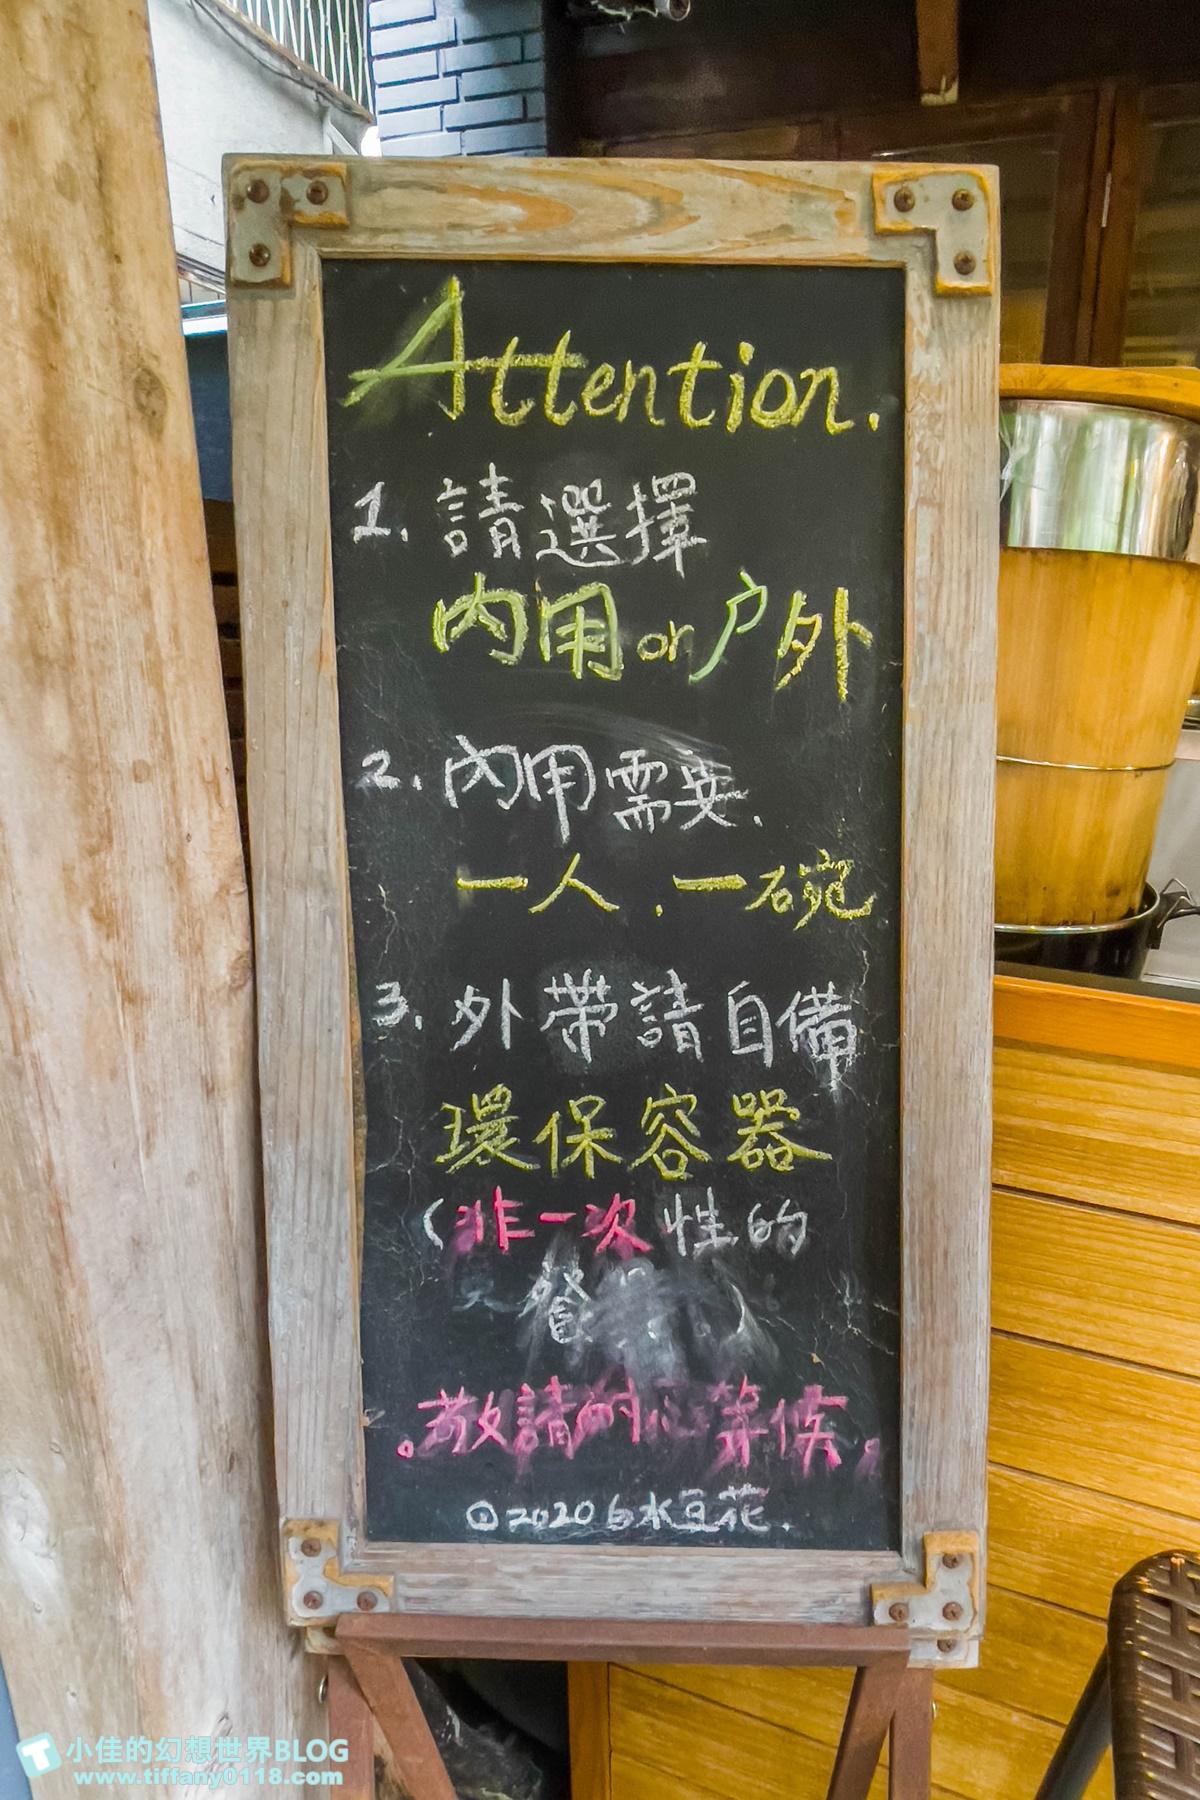 [永康街美食]白水豆花/麥芽糖花生粉+桃膠+粉圓的鹽滷豆花/永康街美食推薦